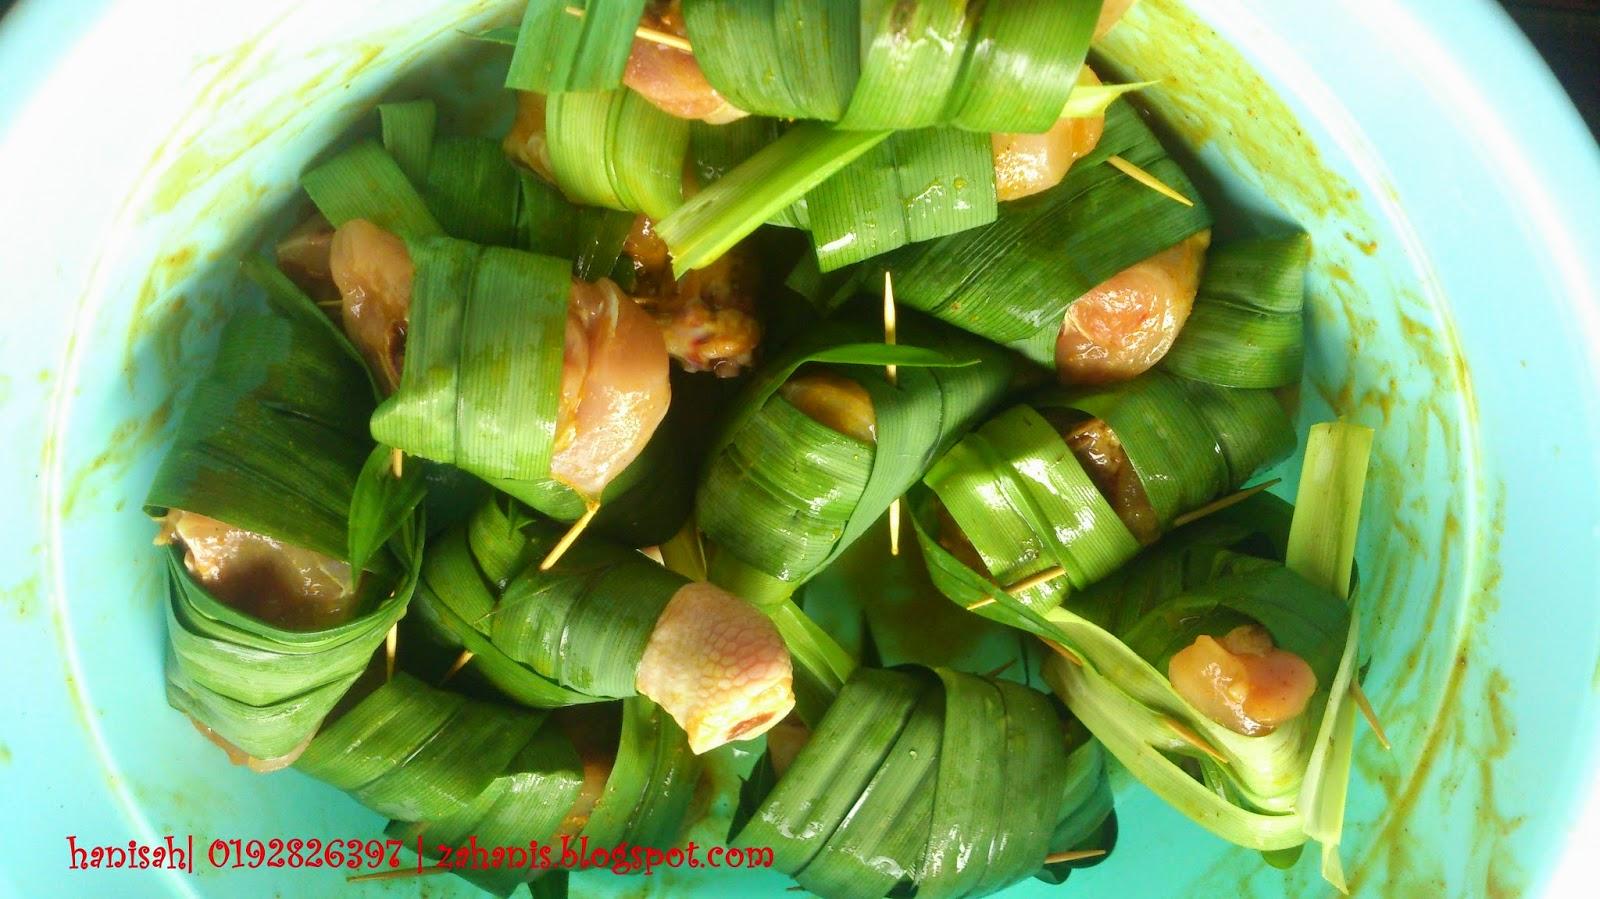 ayam goreng balut daun pandan